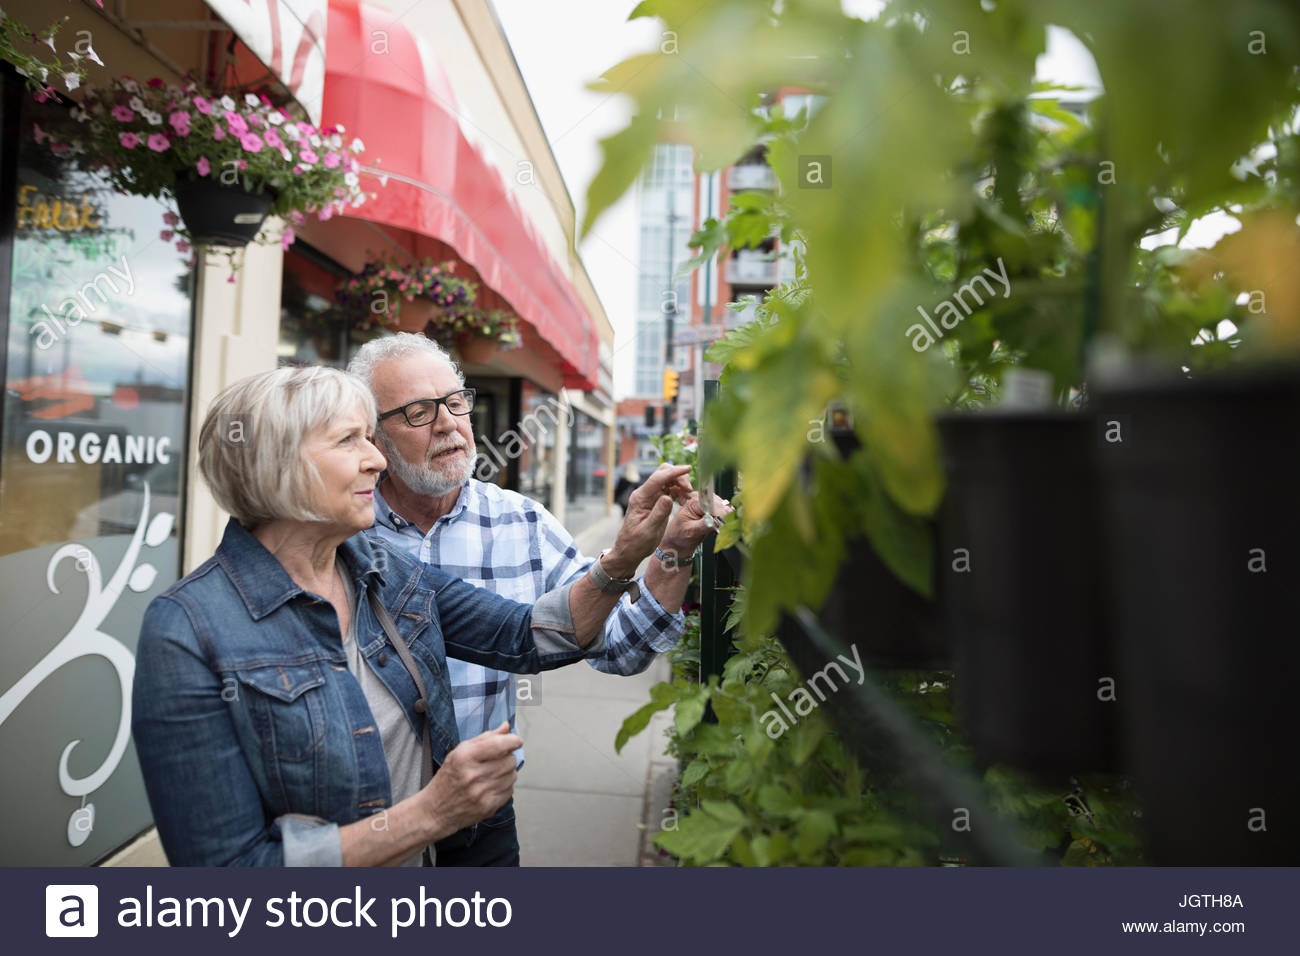 Coppia senior shopping per le piante a livello urbano storefront marciapiede Immagini Stock